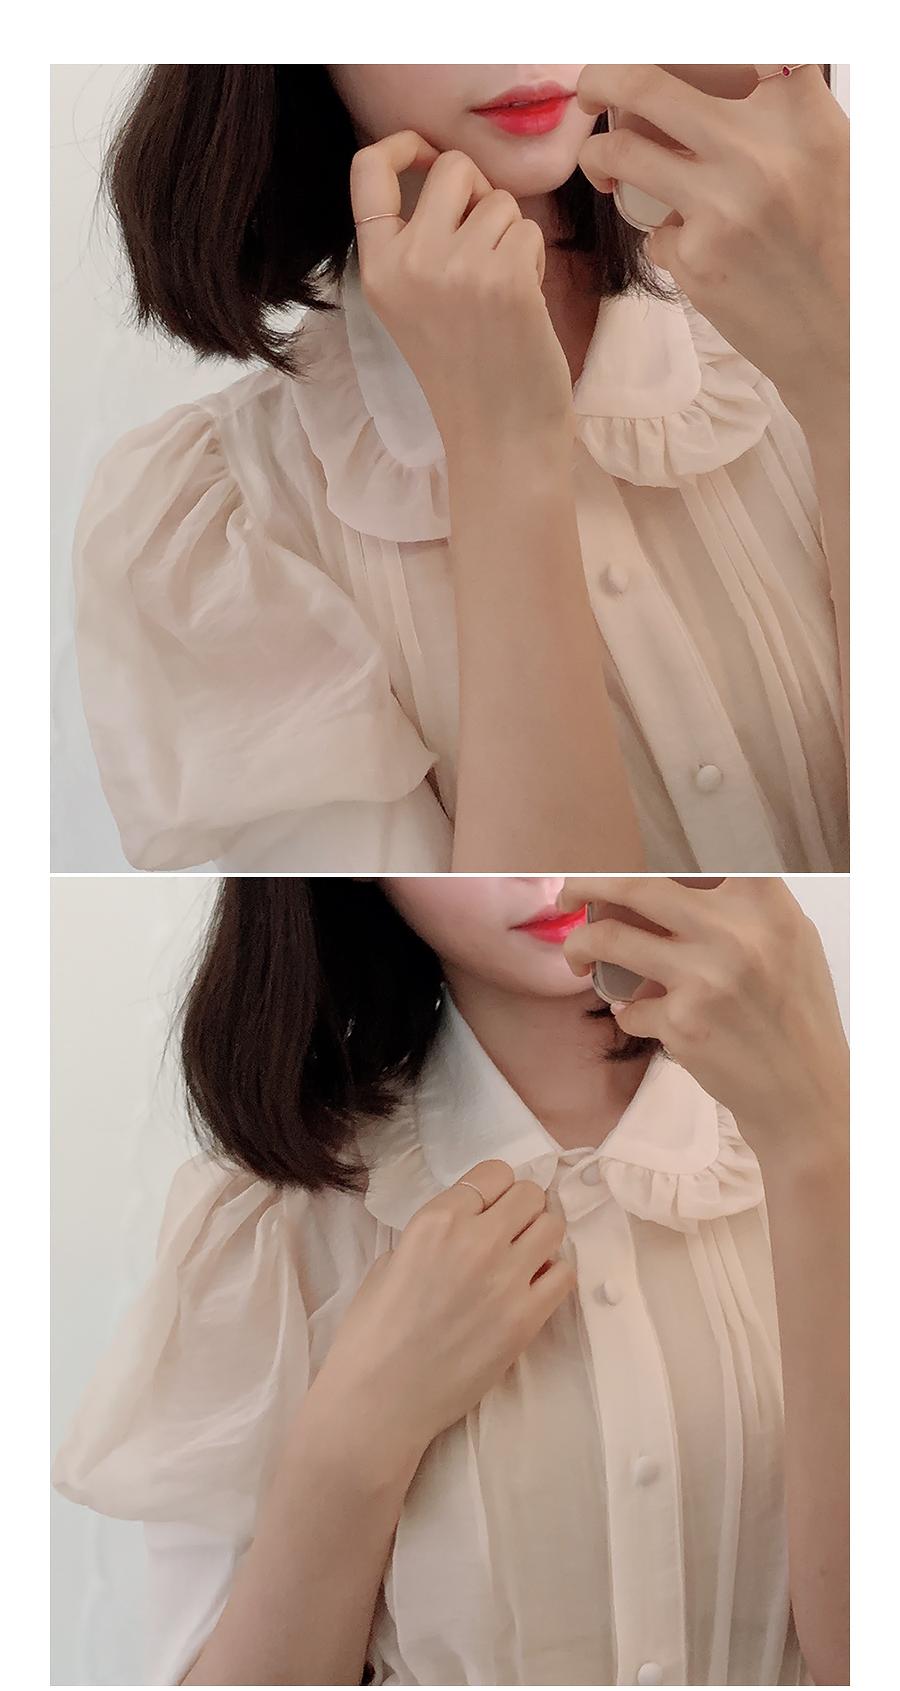 Pinch karashisuru blouse